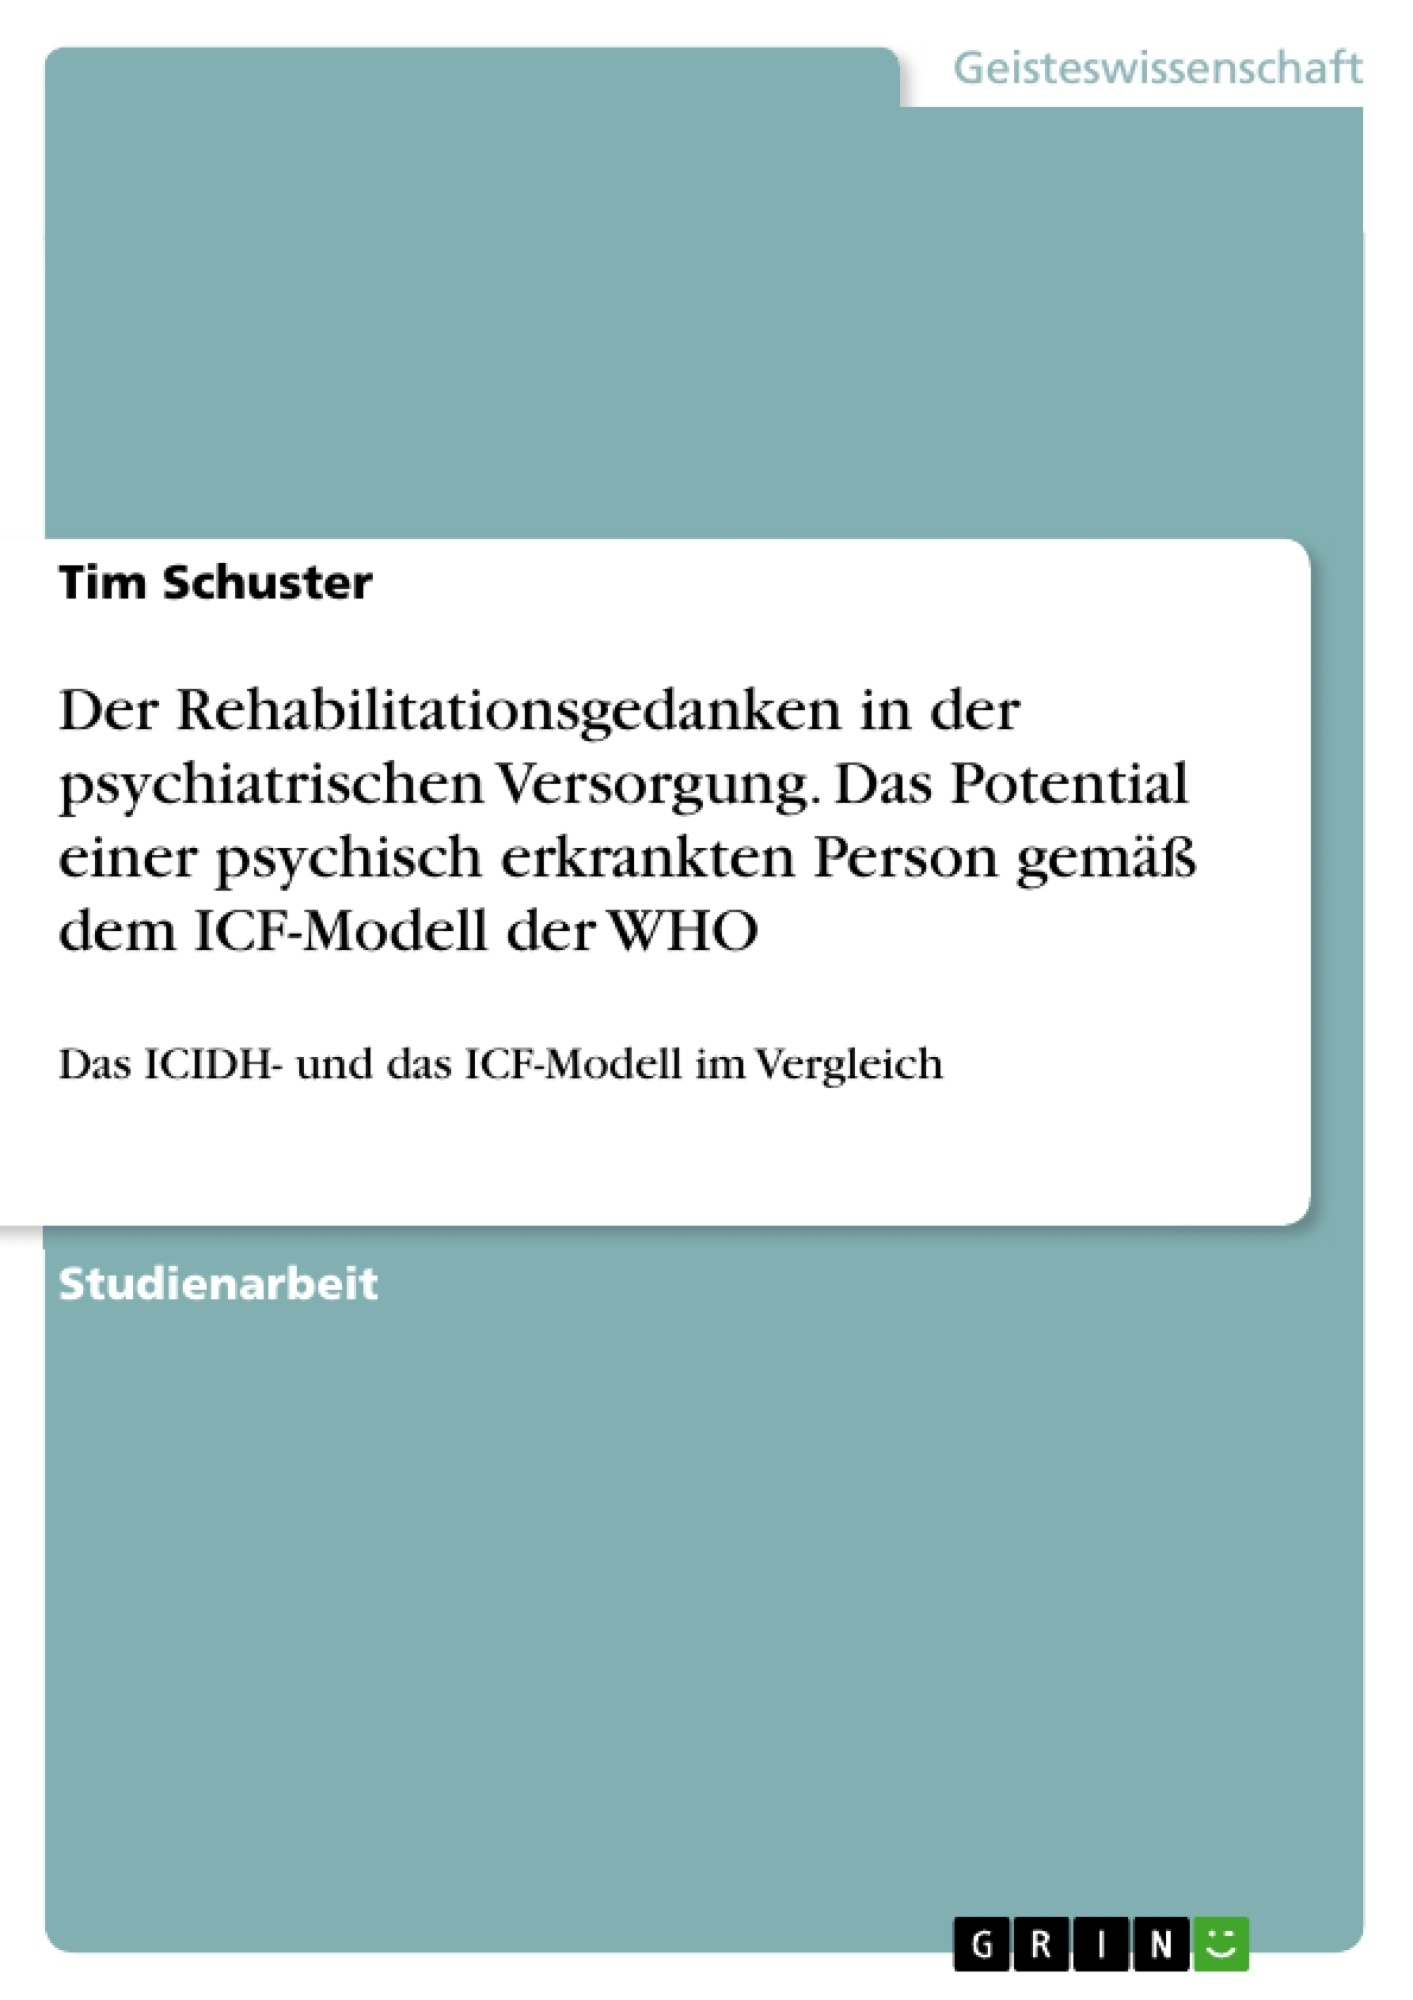 Titel: Der Rehabilitationsgedanken in der psychiatrischen Versorgung. Das Potential einer psychisch erkrankten Person gemäß dem ICF-Modell der WHO